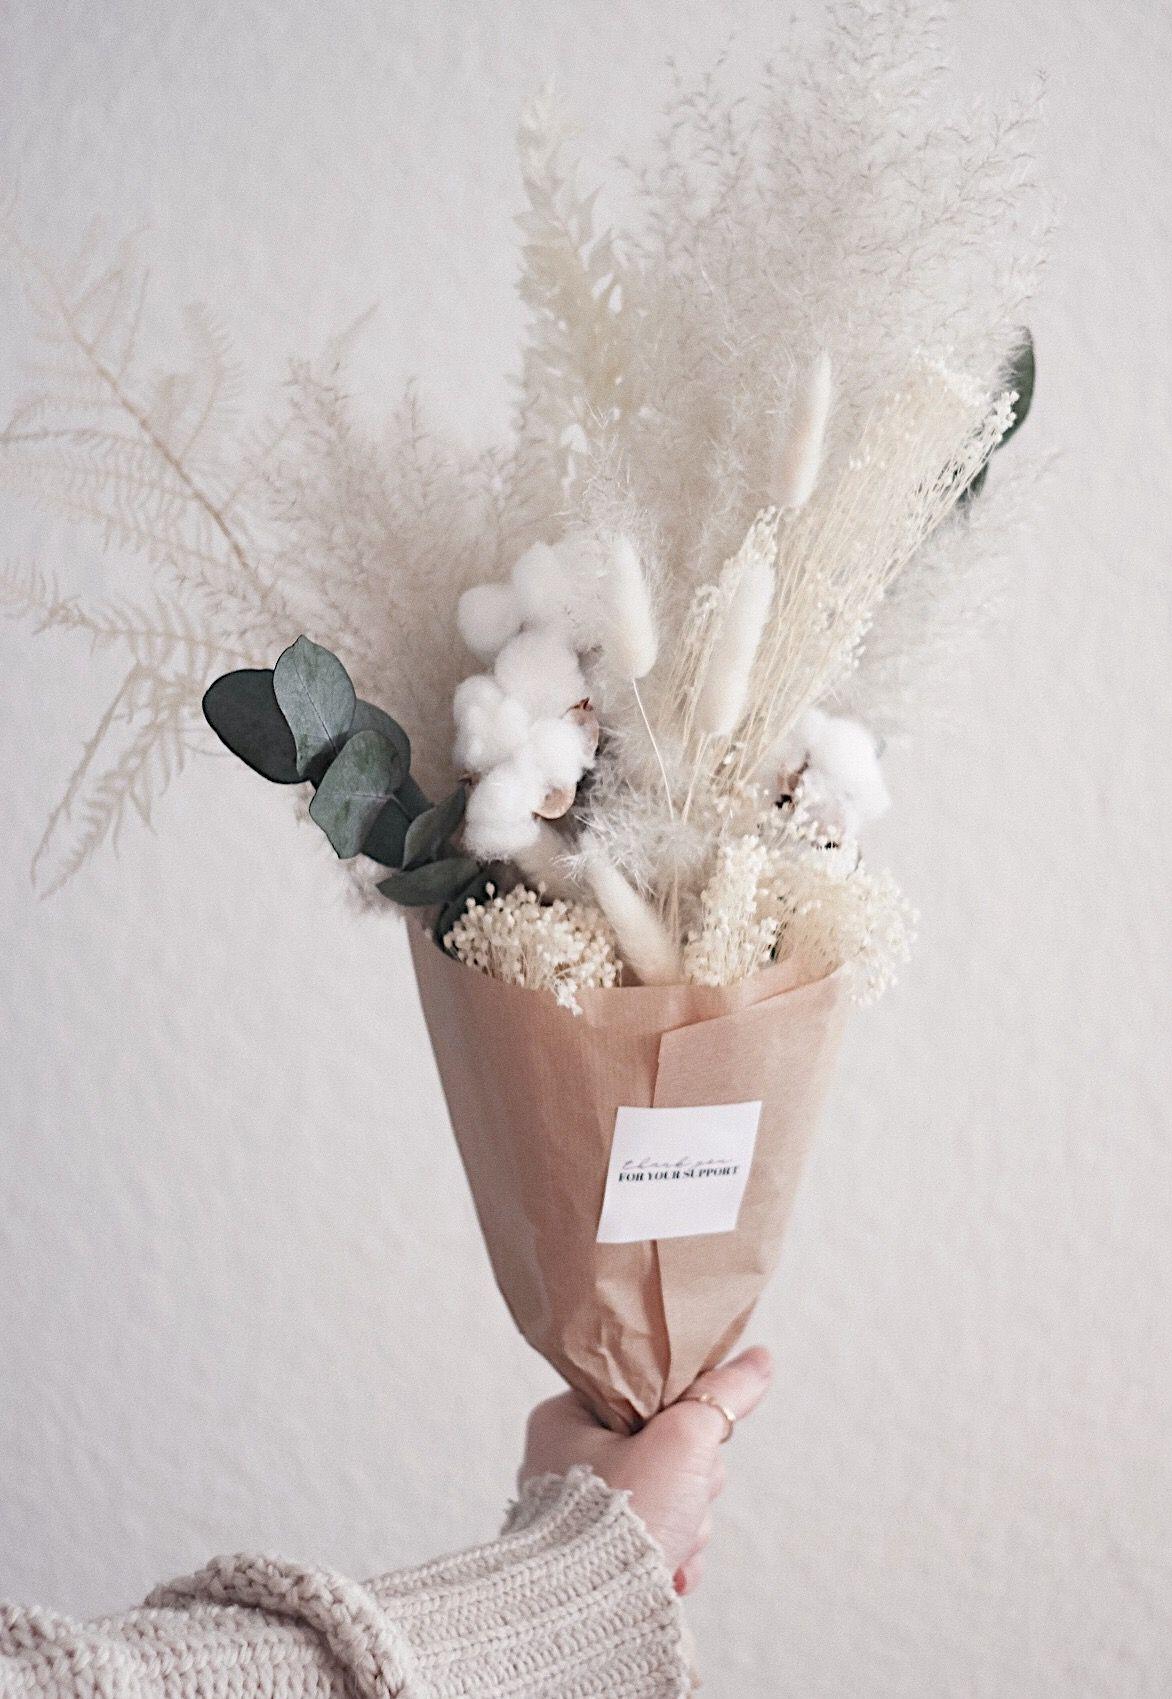 Trockenblumen Bouquet: ein tolles, langlebiges Geschenk!